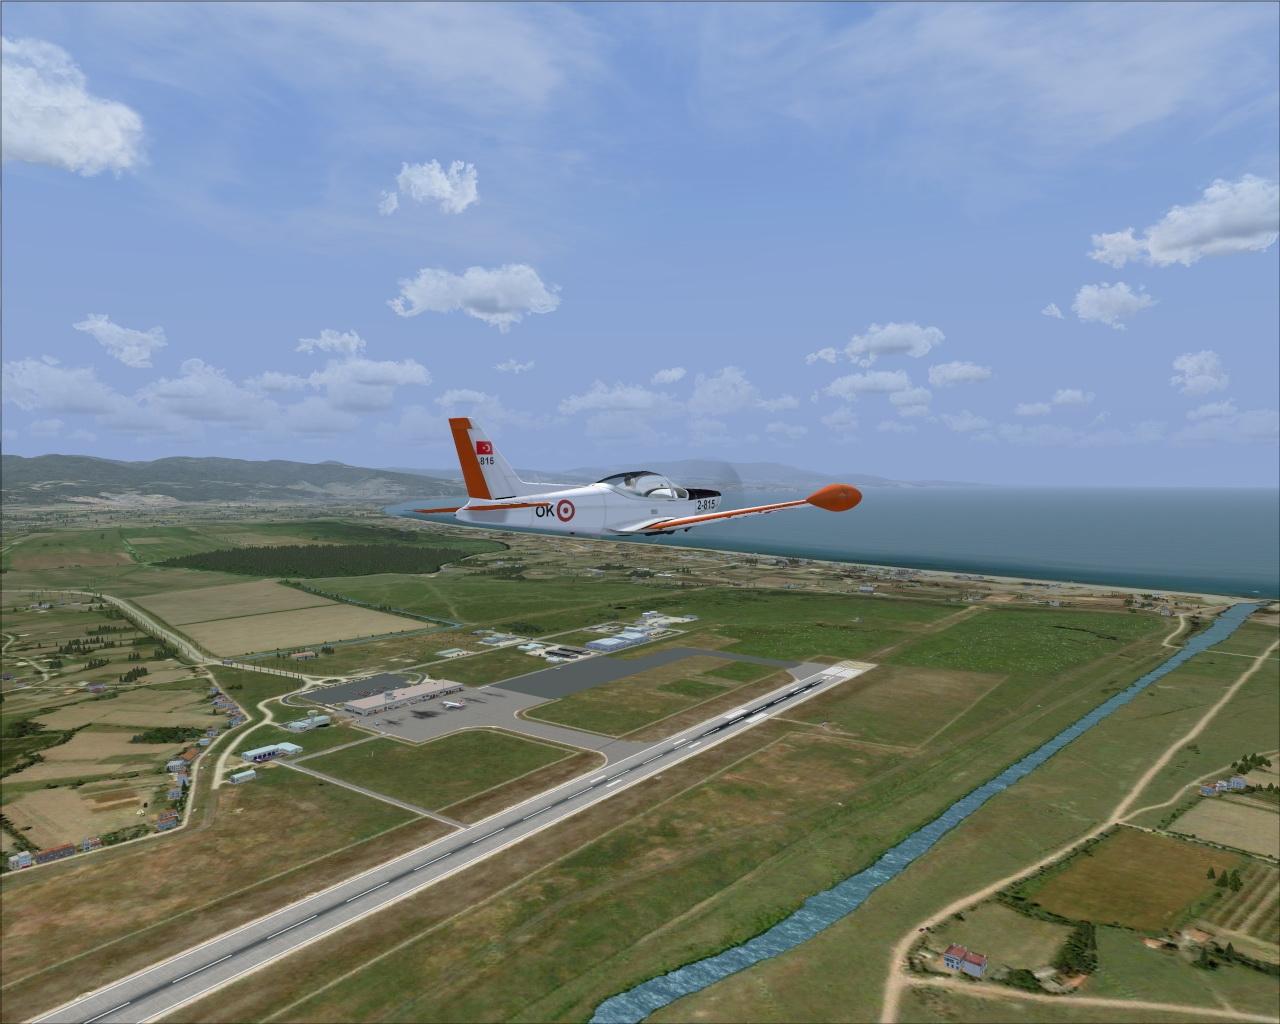 Çarşamba Havaalanı - Turizm Haritası